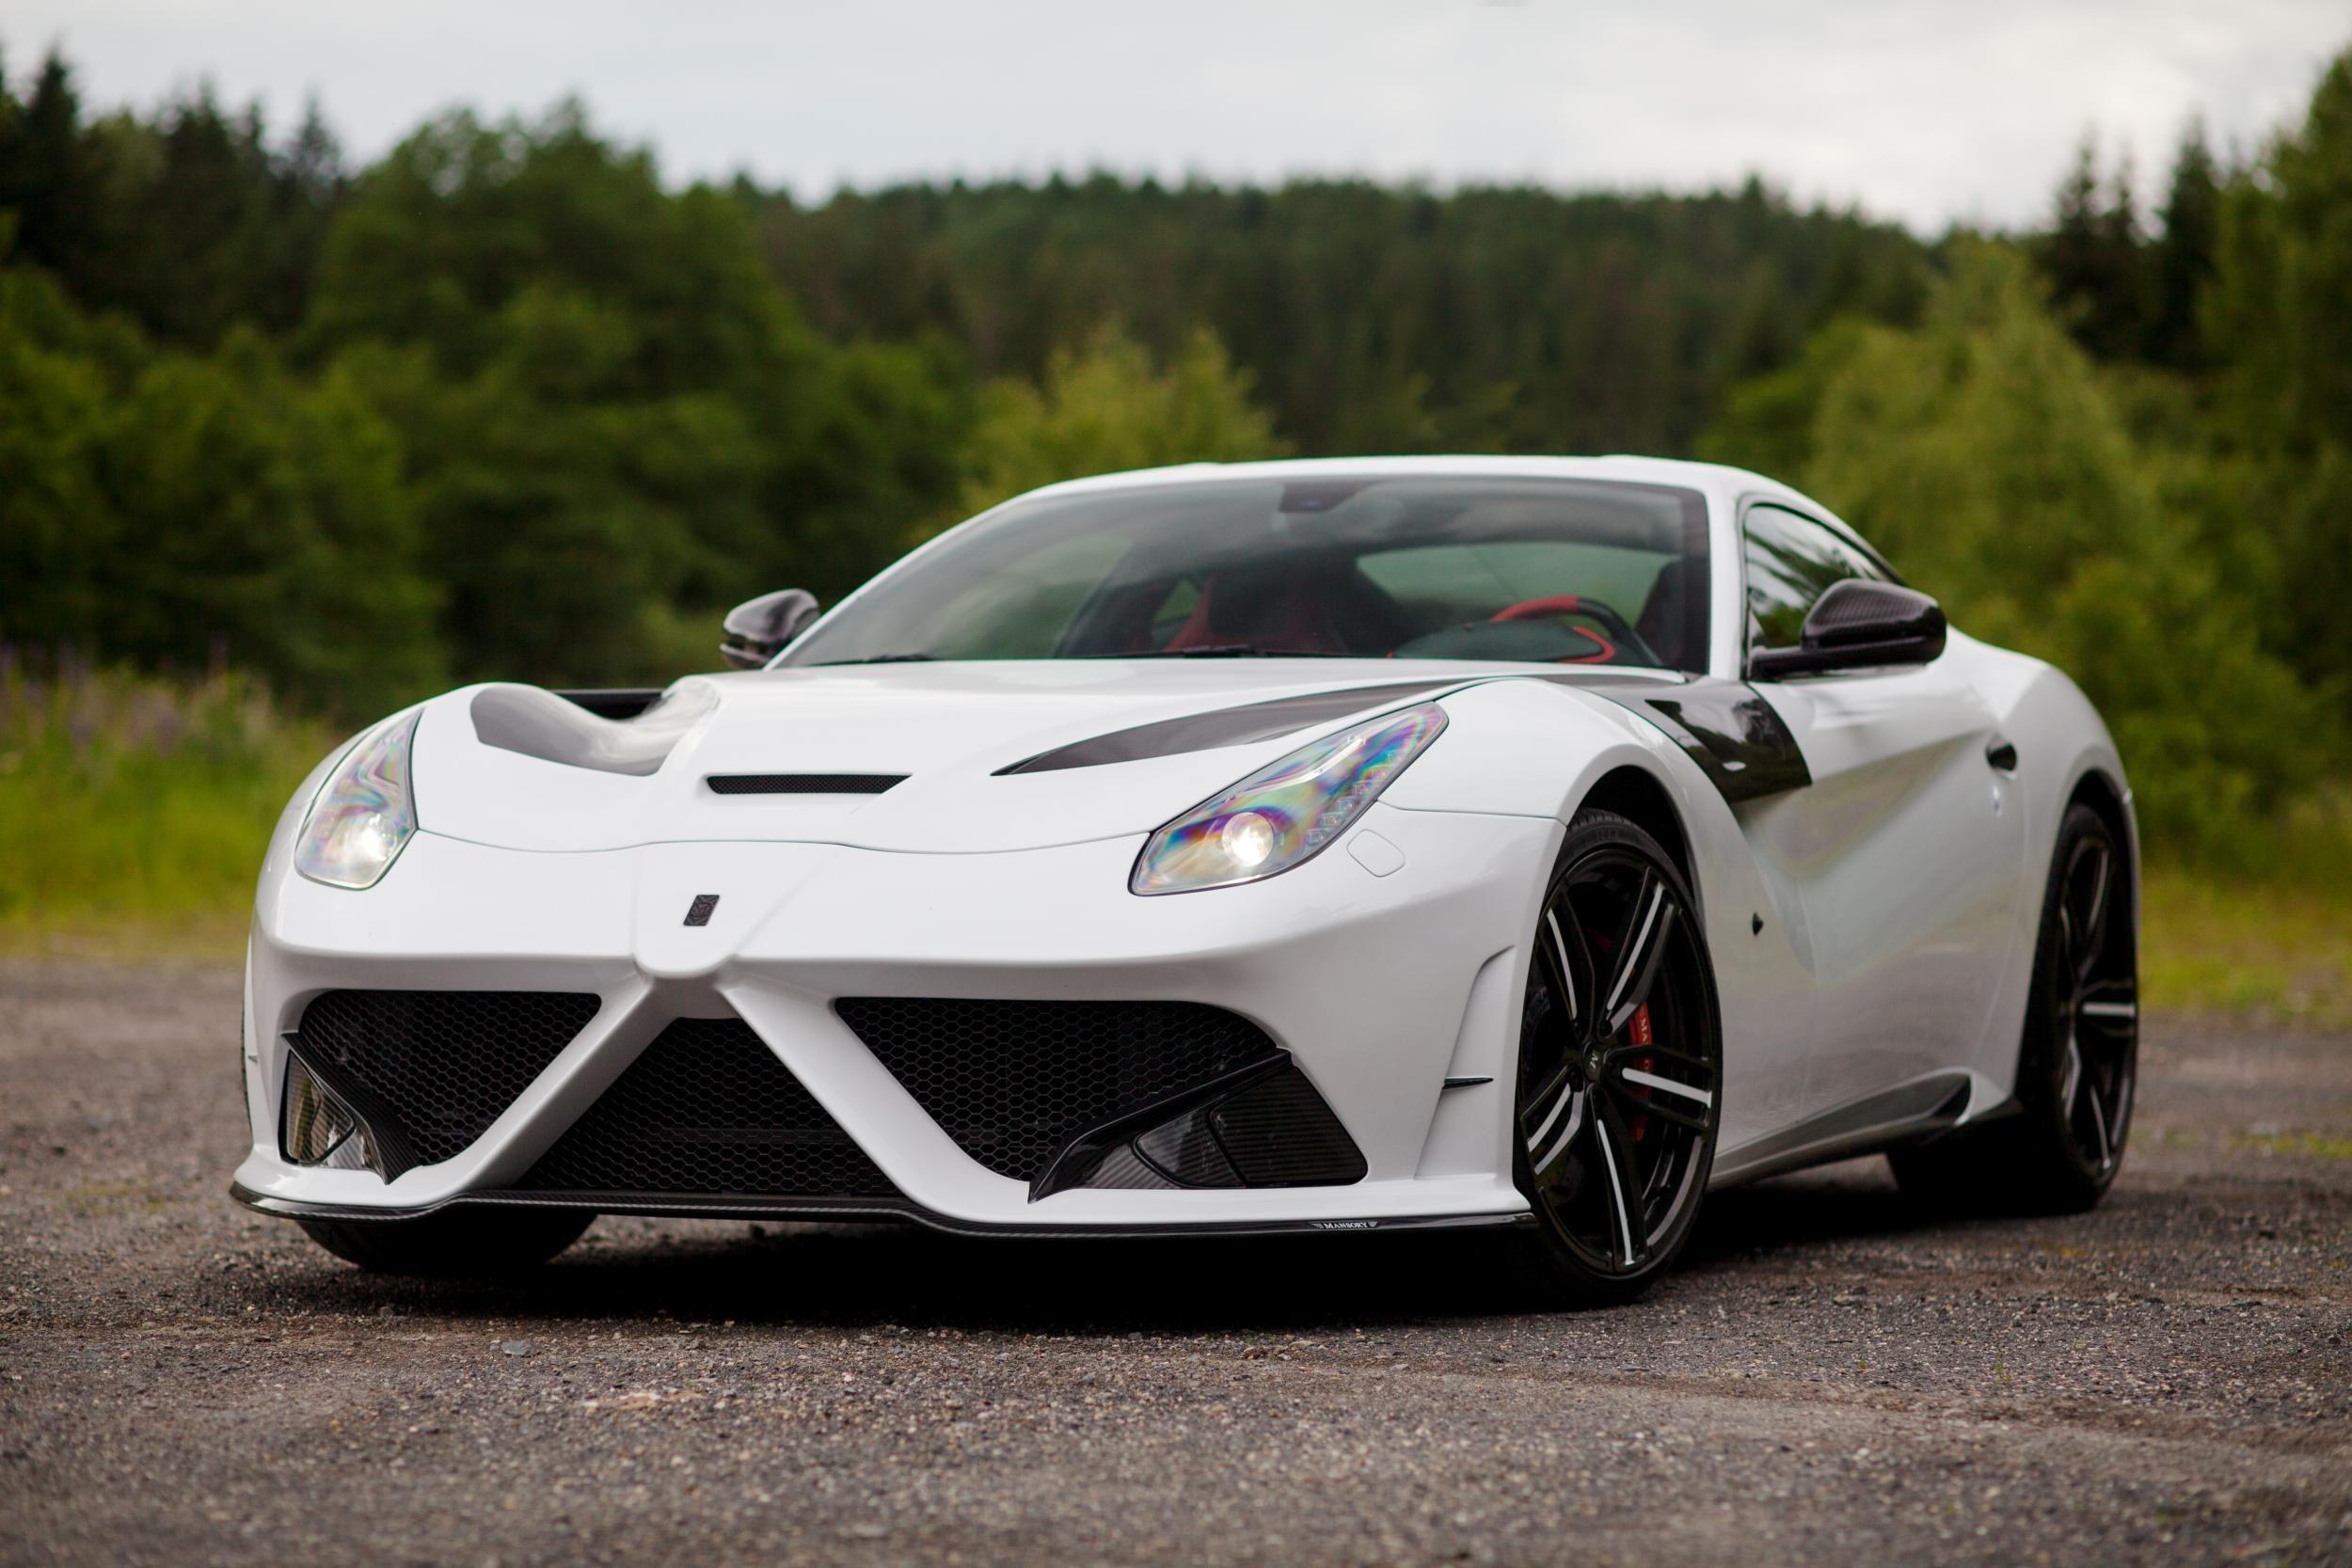 Ferrari STALLONE F12 Ferrari, La auto show, Honda civic